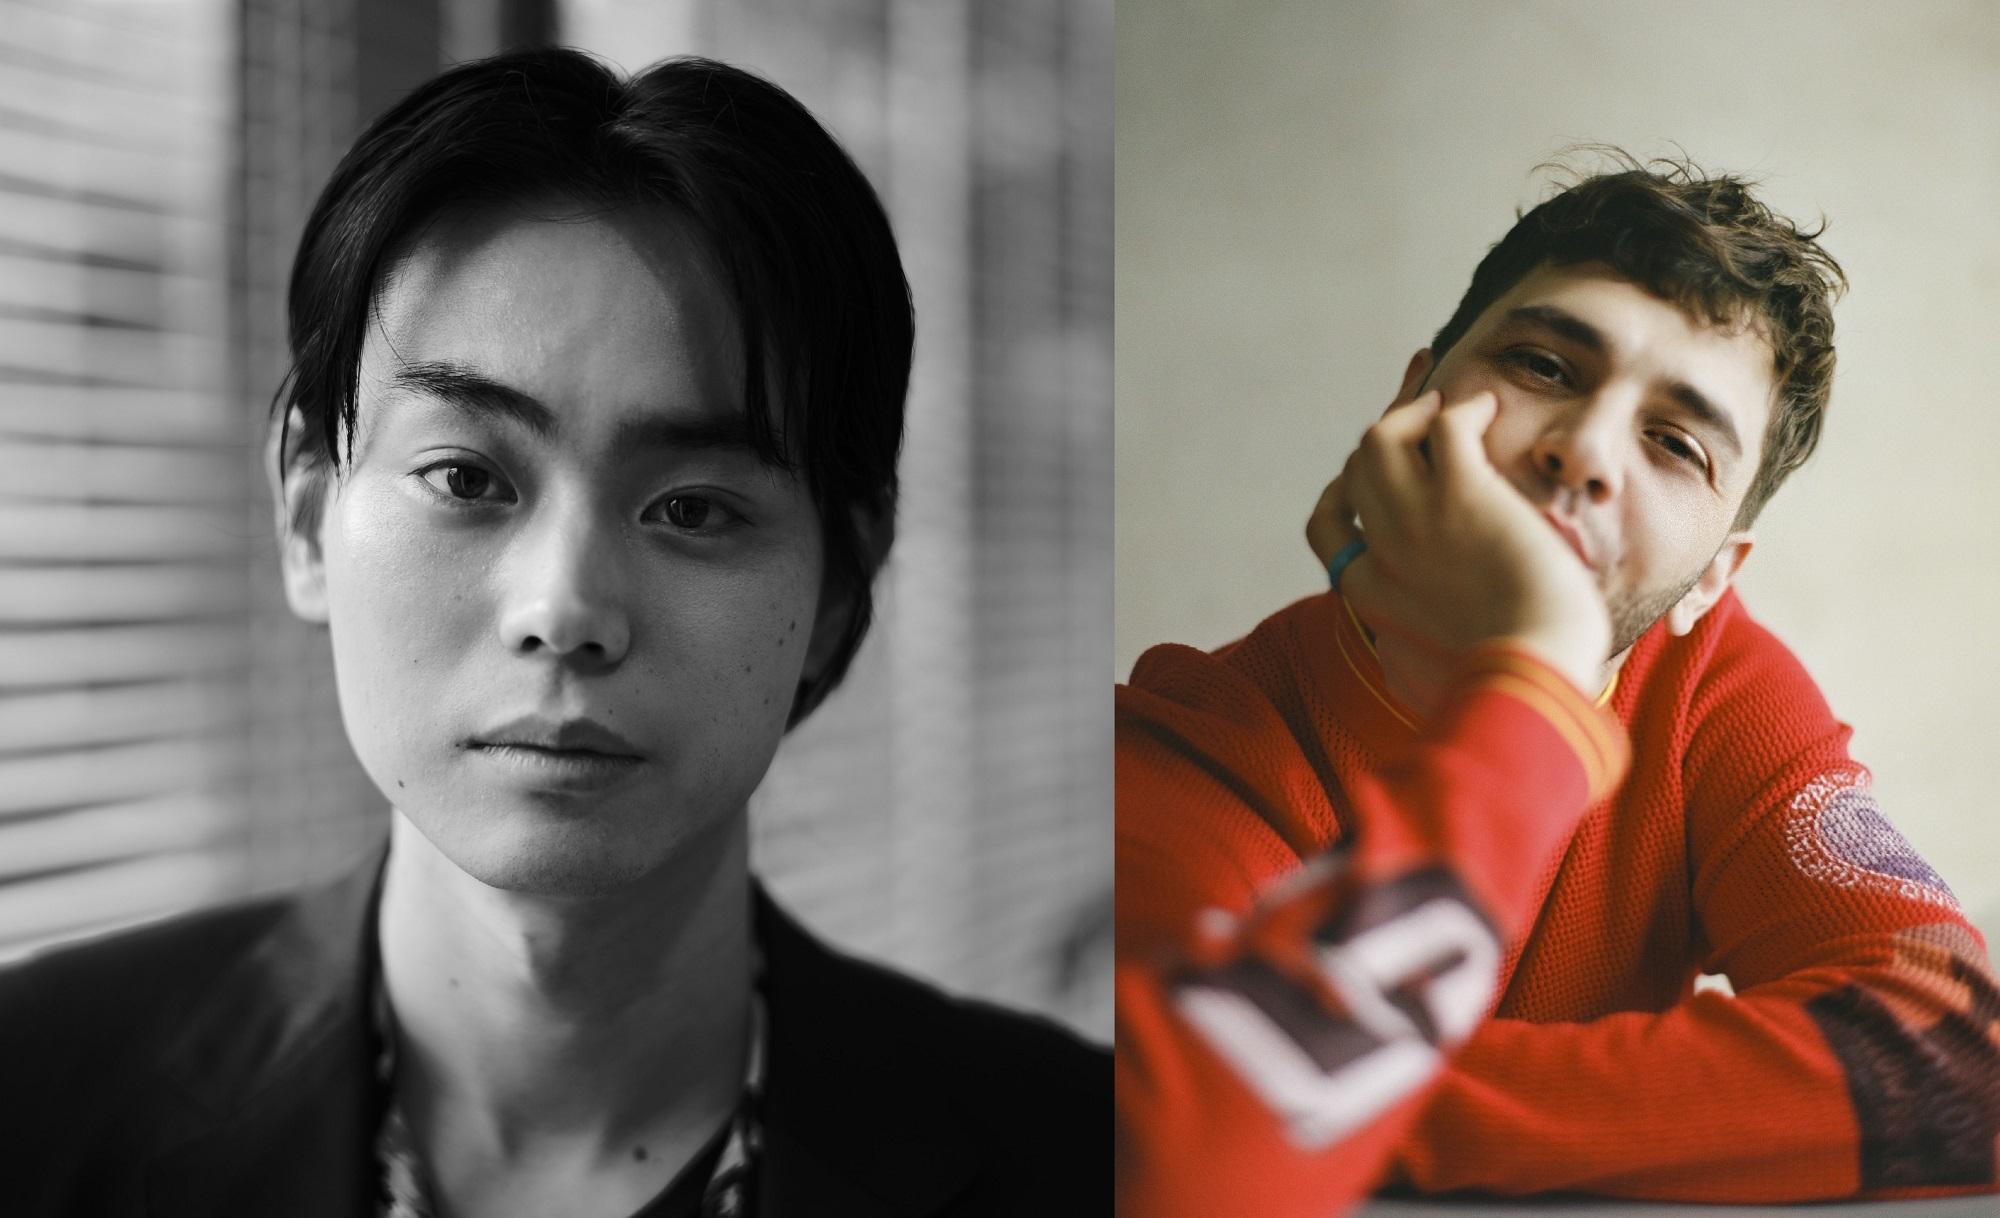 左から、菅田将暉、グザヴィエ・ドラン